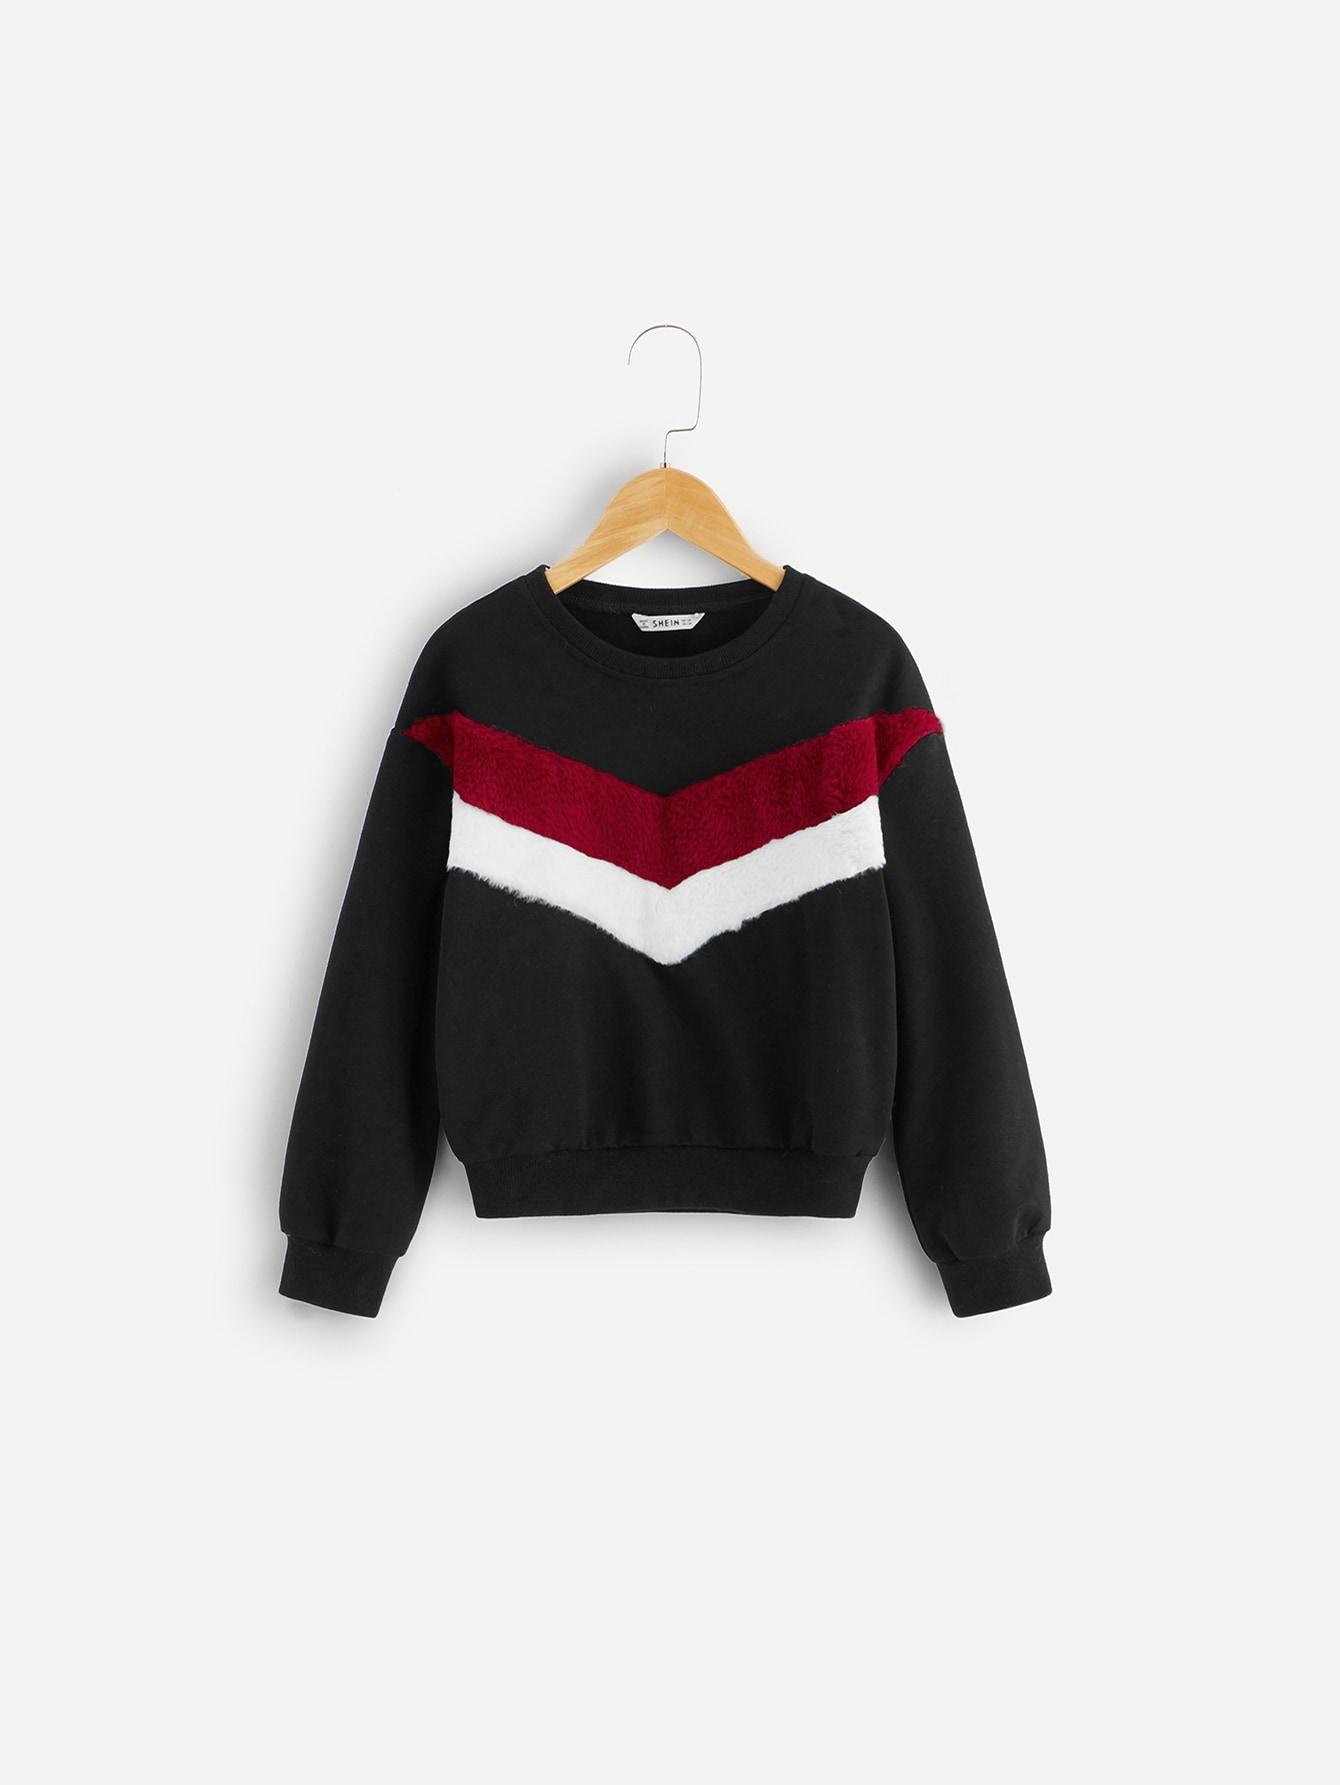 Купить Контрастный пуловер с узором шеврон из искусственного меха, null, SheIn